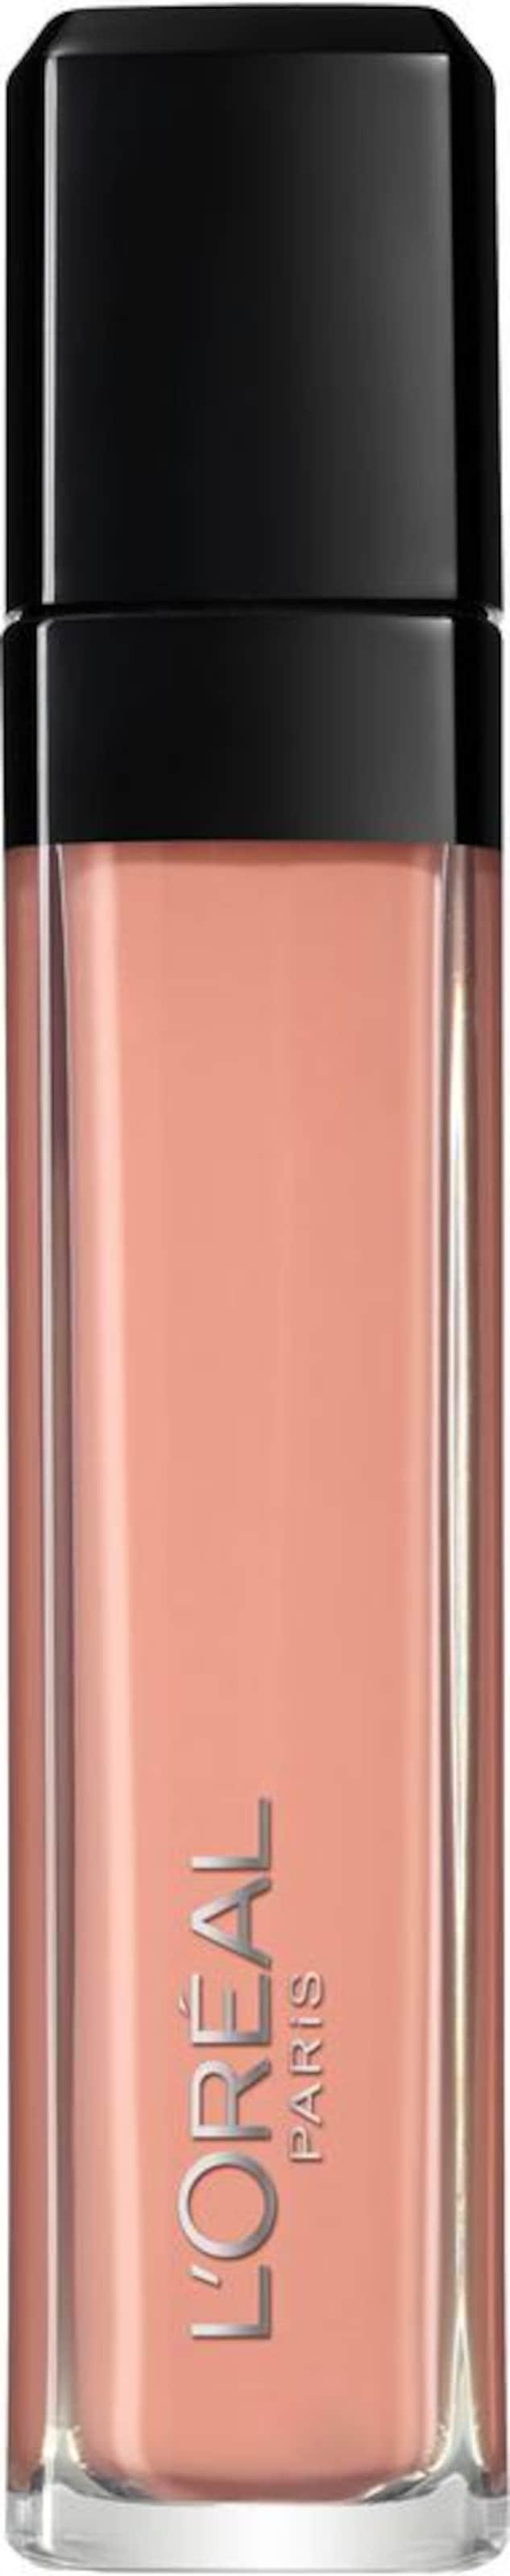 L'Oréal Paris 'Infaillible Gloss Cream', Lippenstift